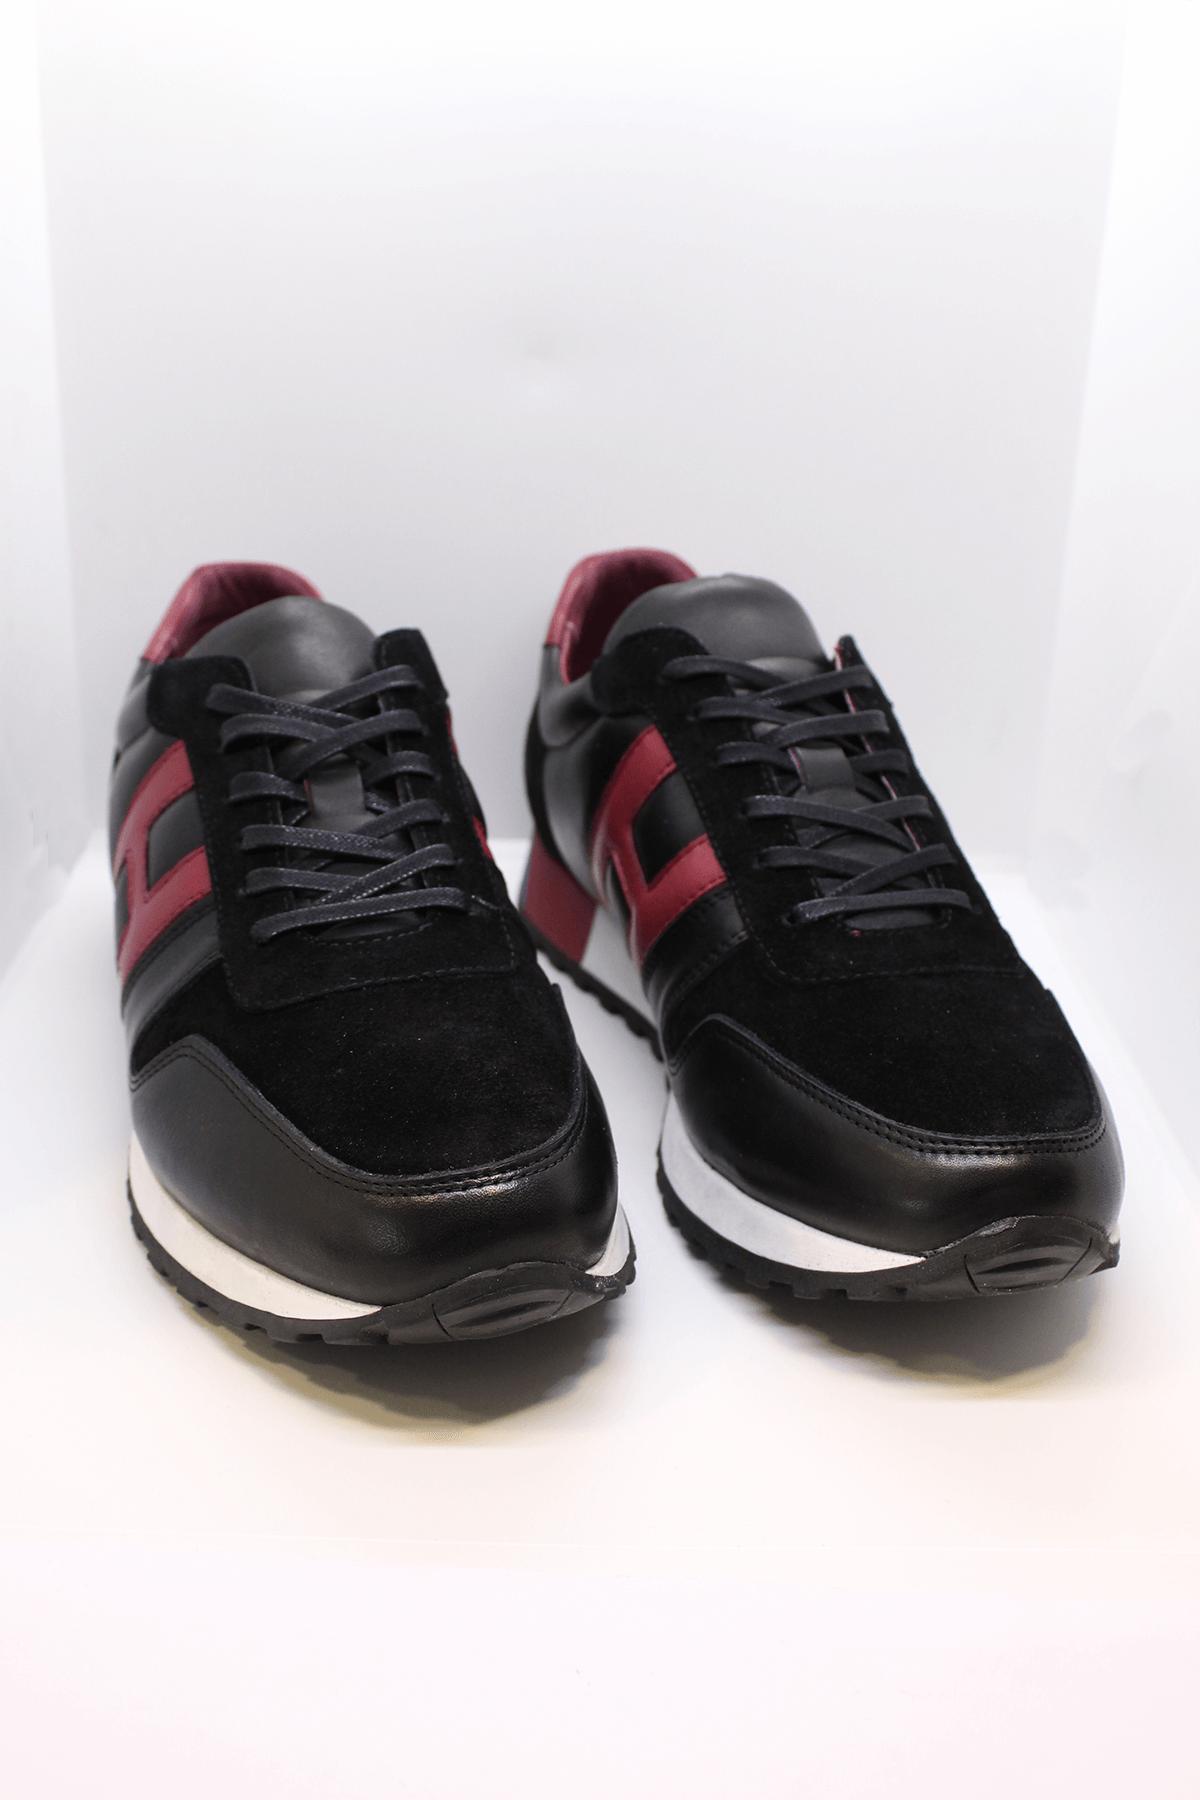 Pierre Cardin 612010 Hakiki Deri Siyah Casual Ayakkabı